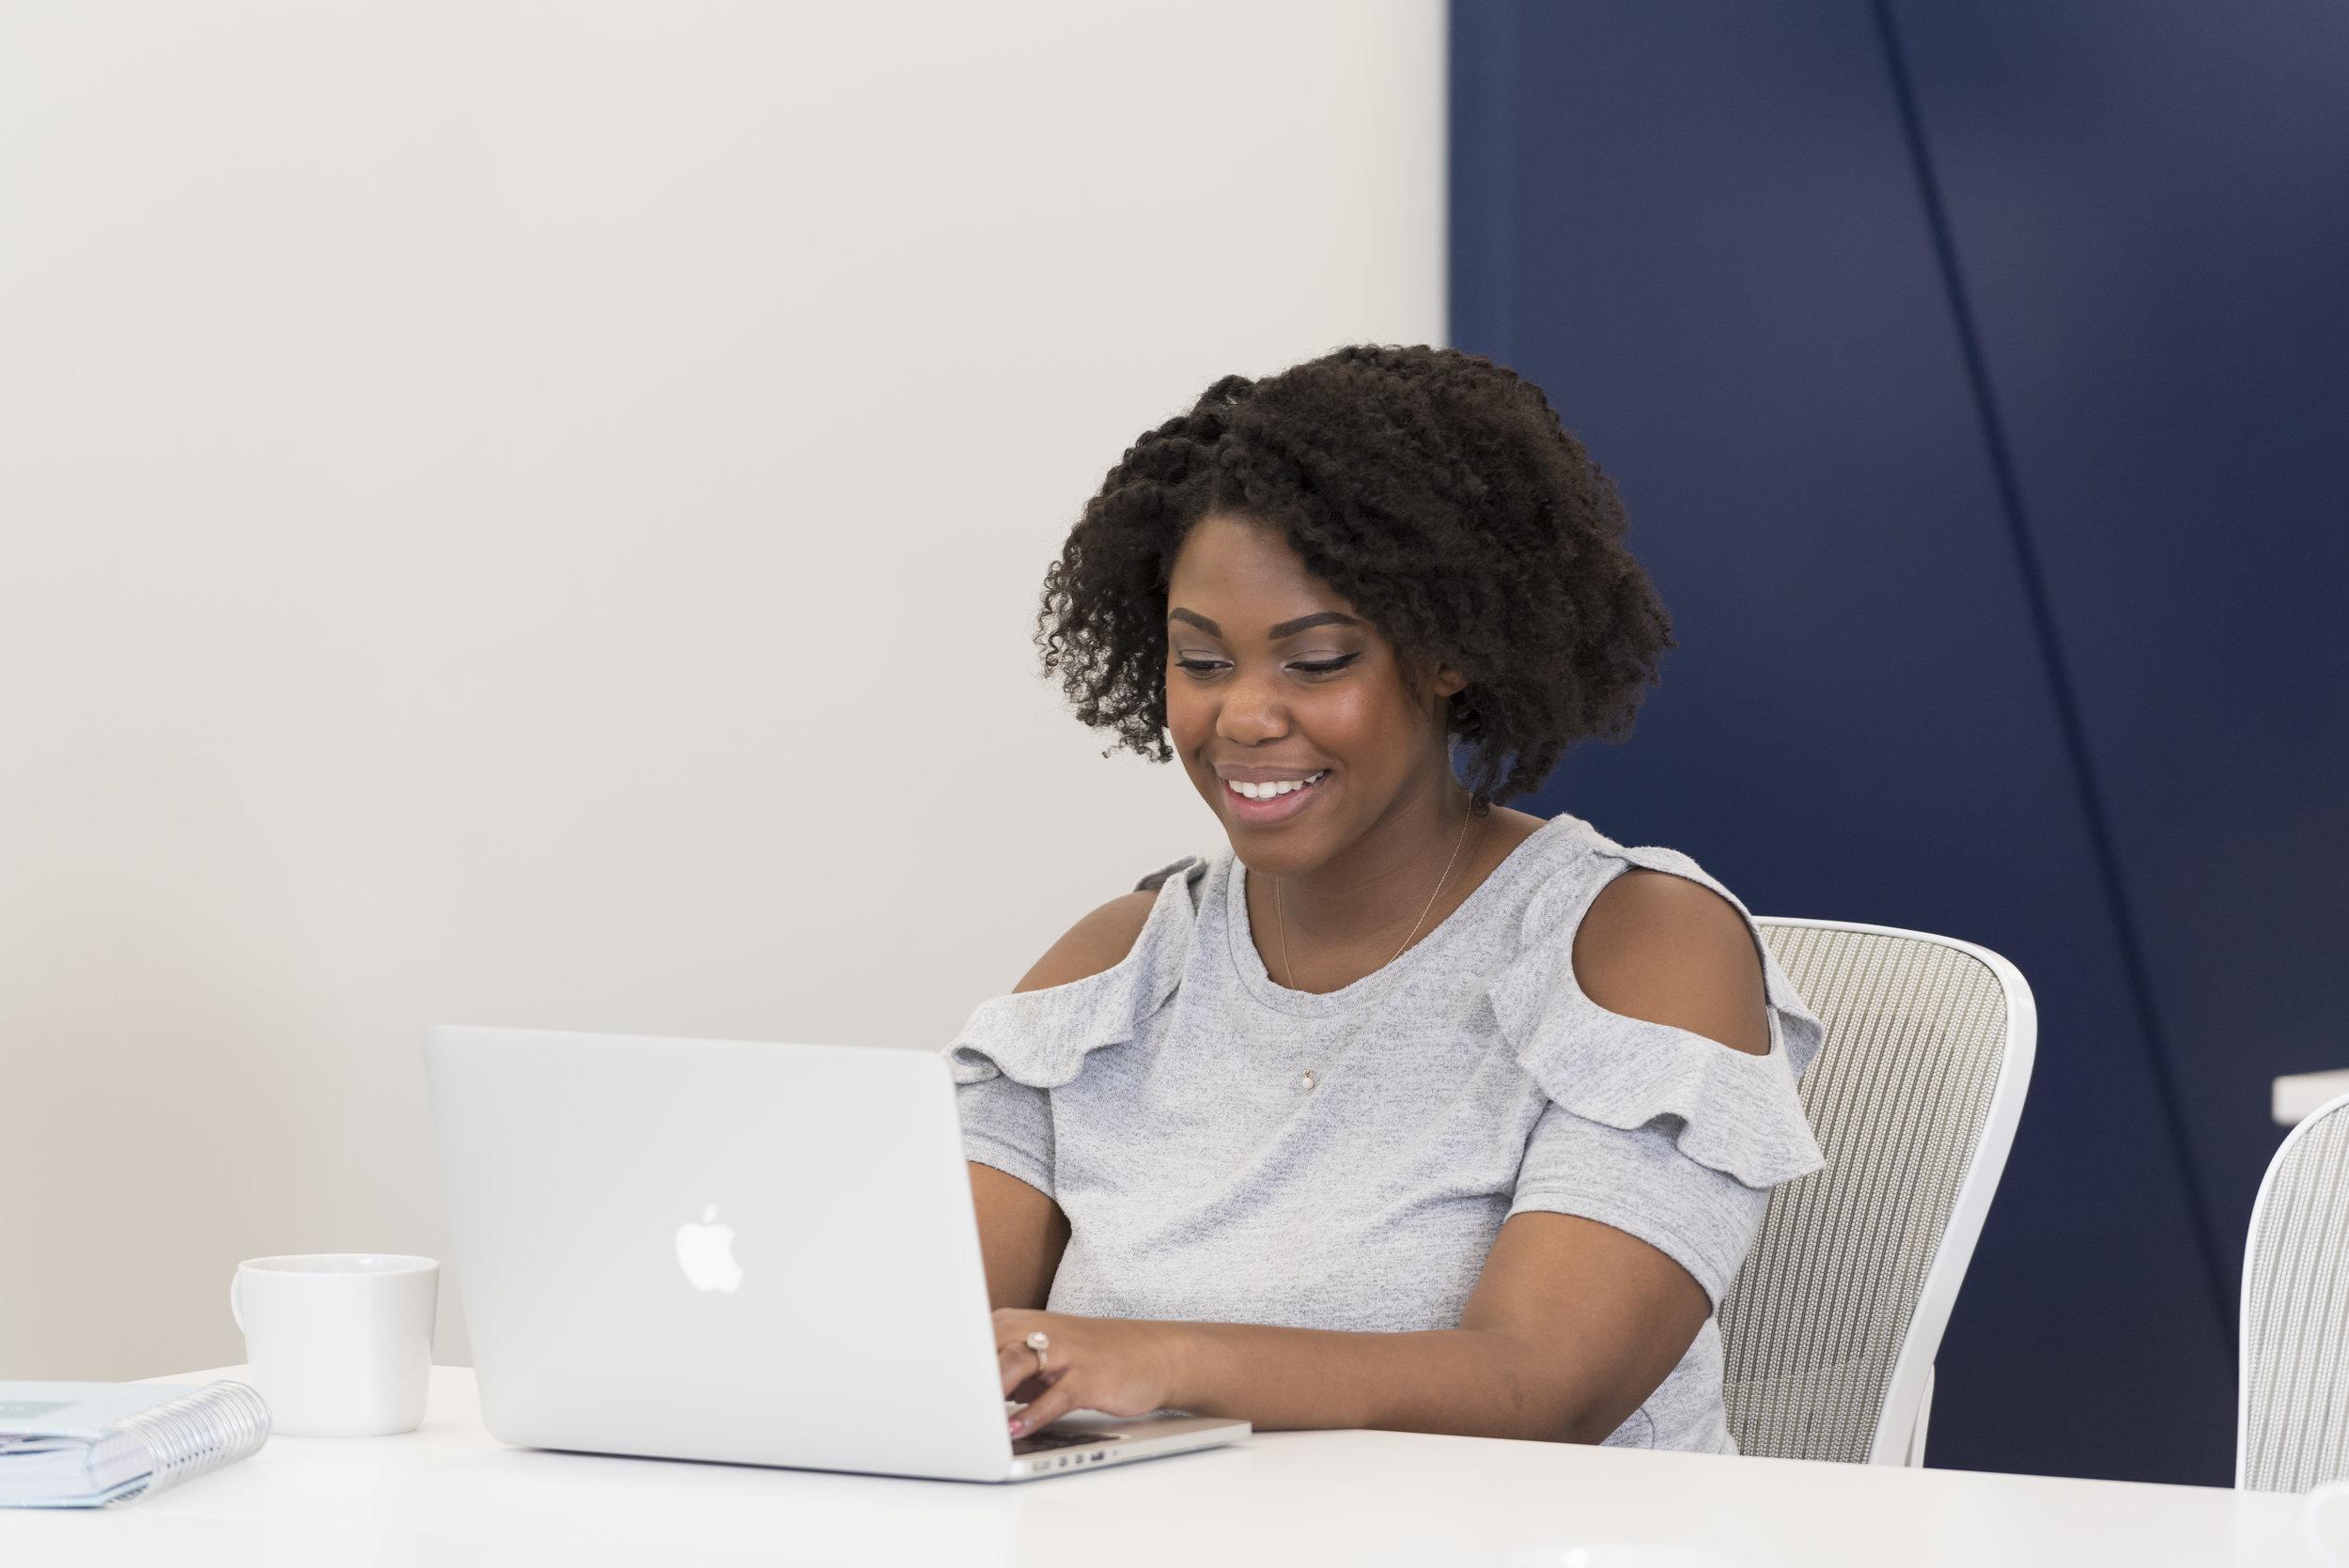 Janelle focused work smile.jpg